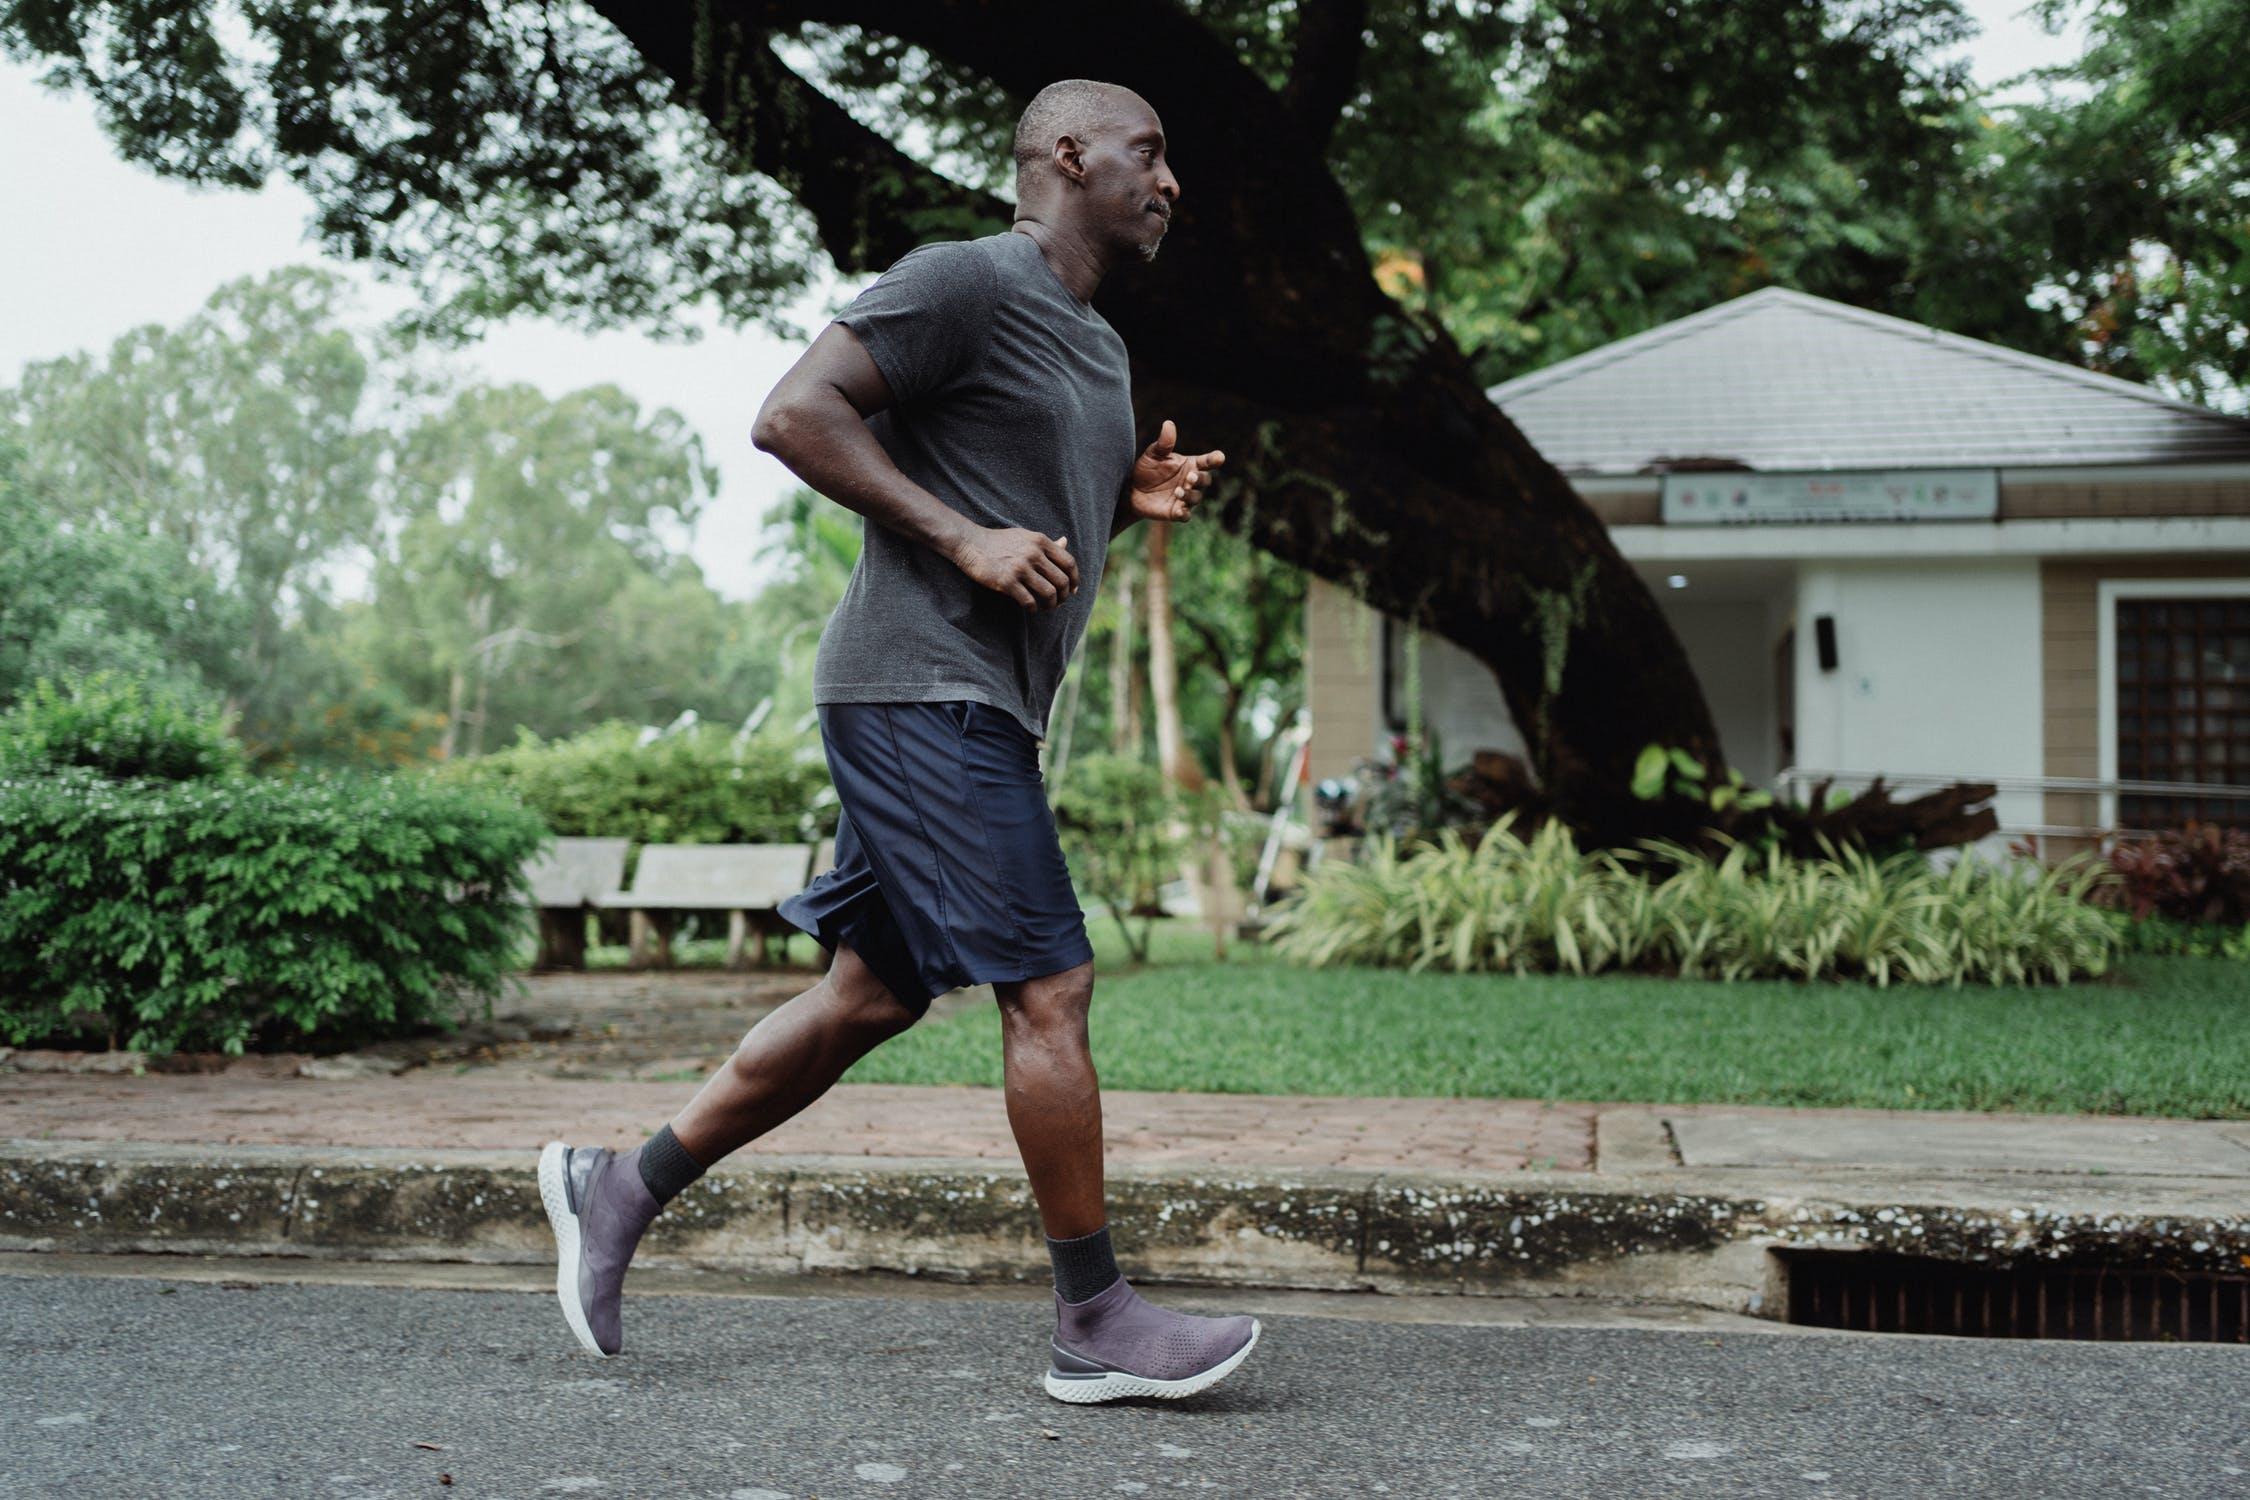 A man jogs down the street of a neighborhood.